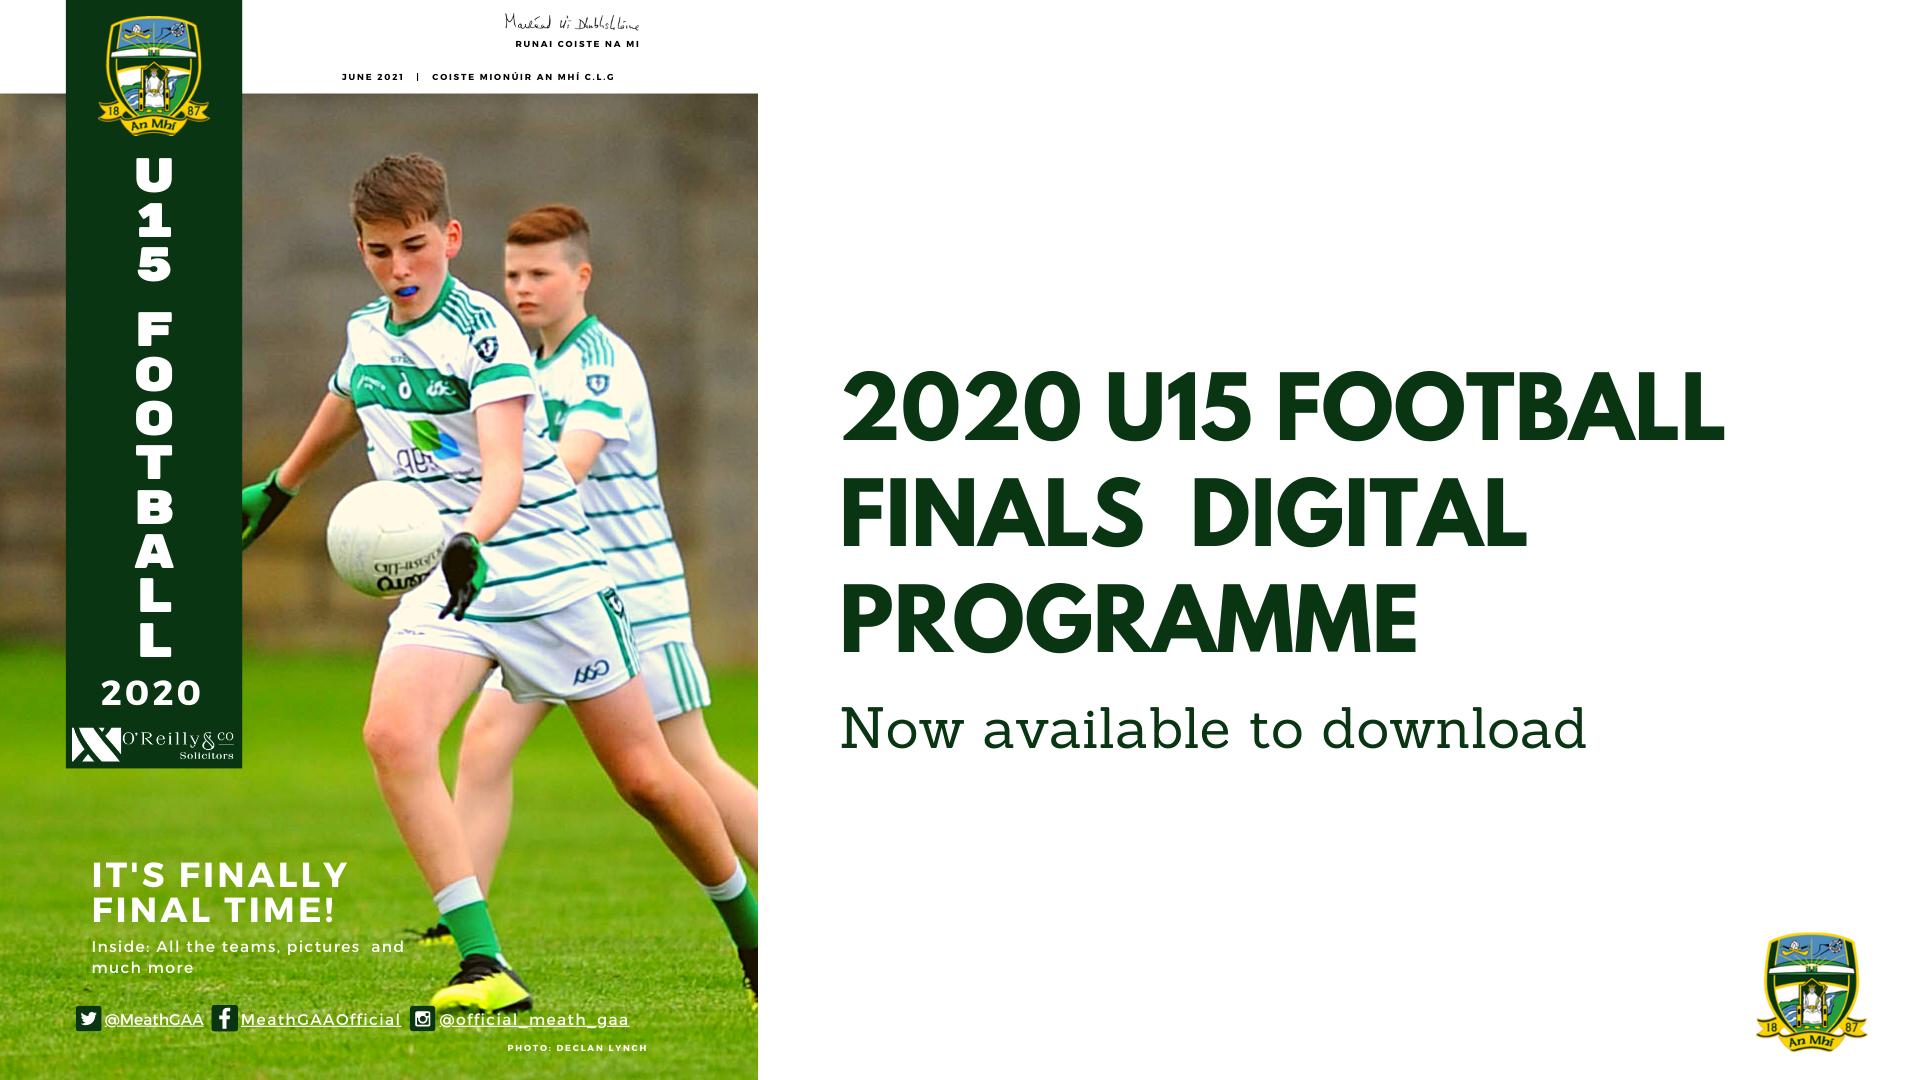 Get your U-15 Finals (2020) Digital Programme now